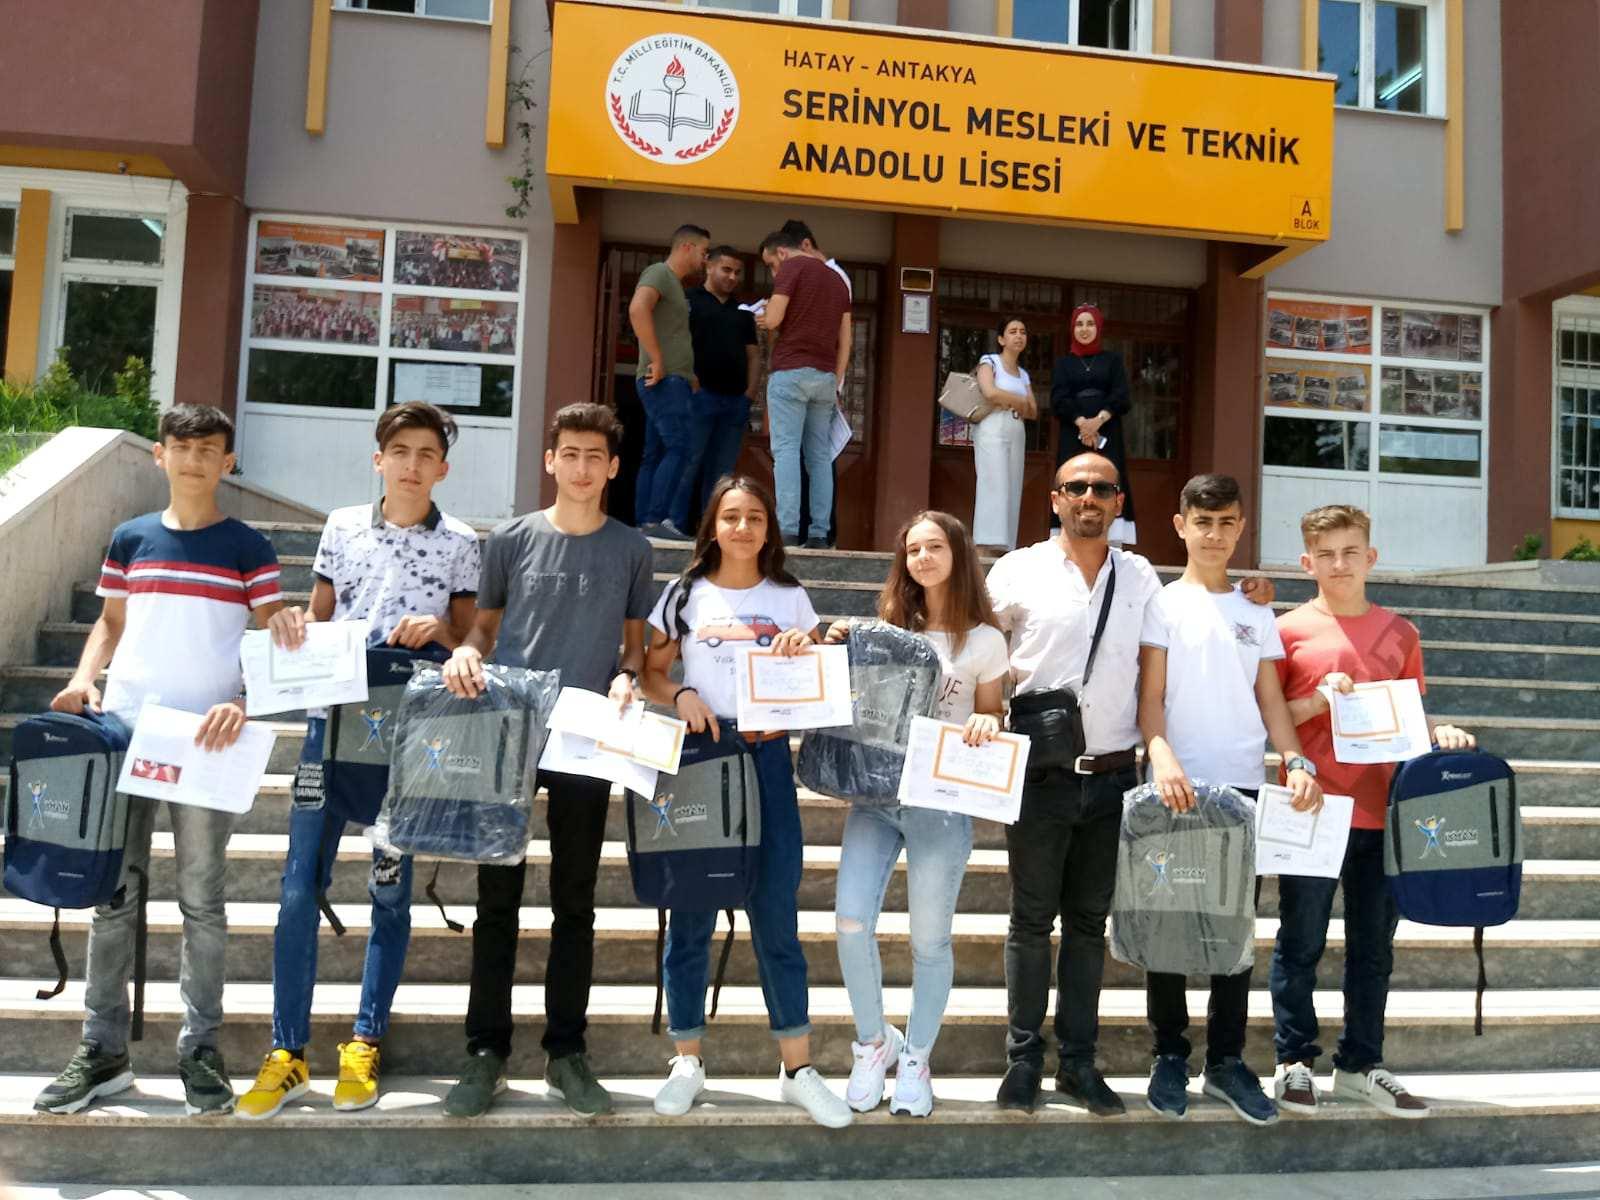 Serinyol Bilişim Bölümü Başarılı Öğrenciler